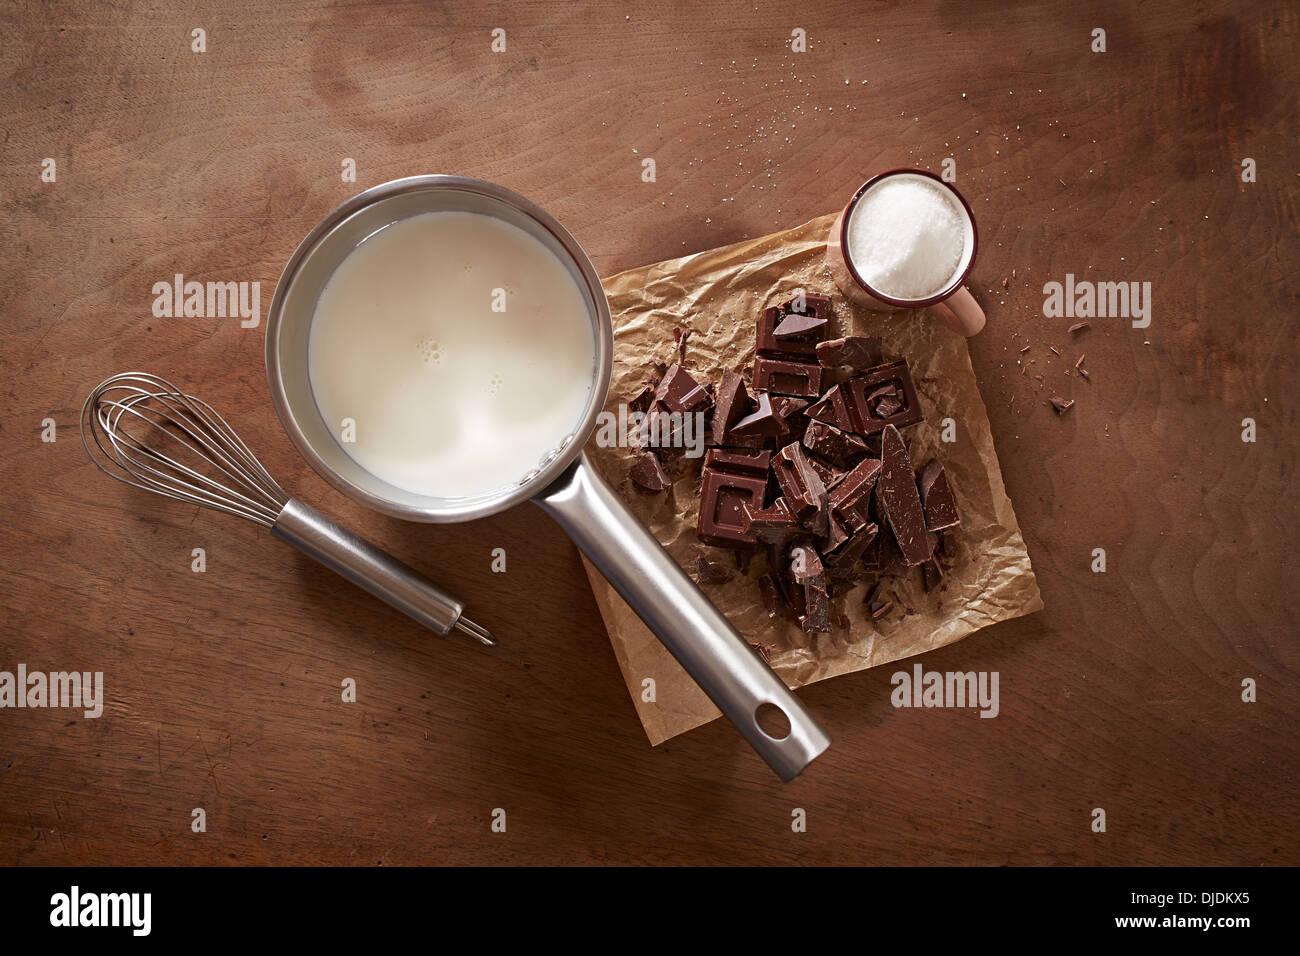 Chocolat chaud au lait ingrédients sur table en bois donnent sur shot Photo Stock